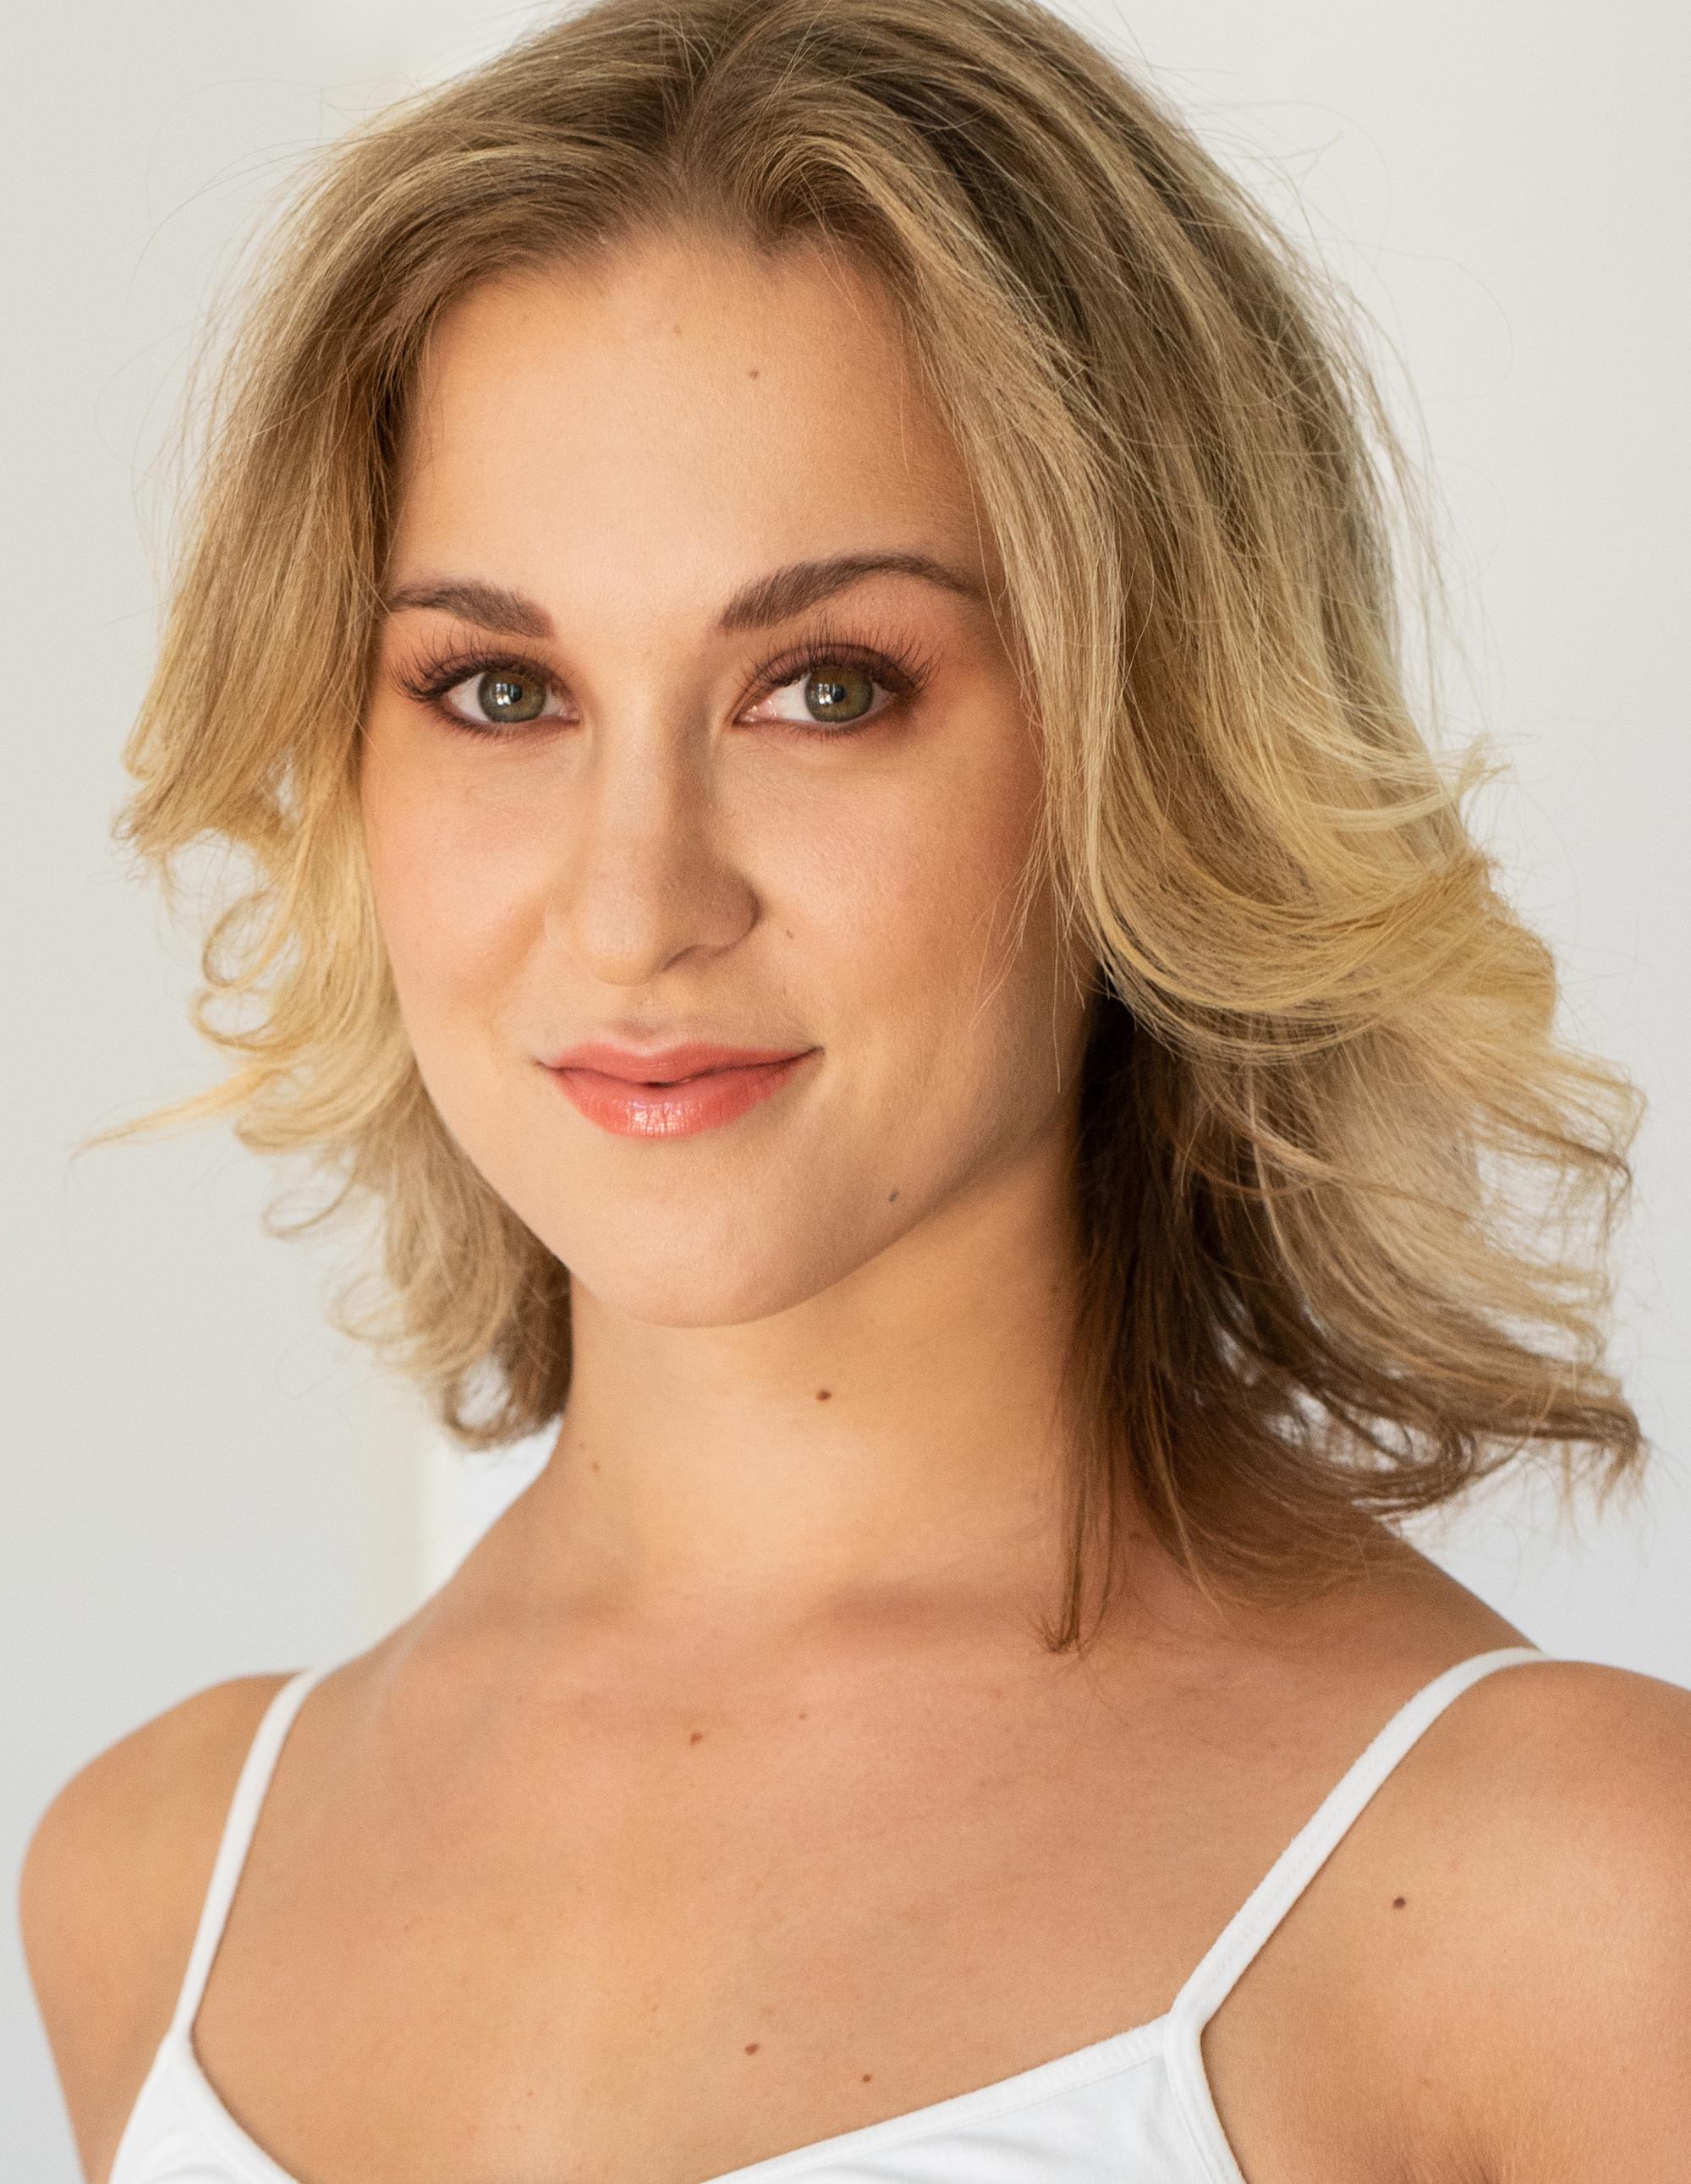 Tricia-Bennett-makeup-hair4.jpg